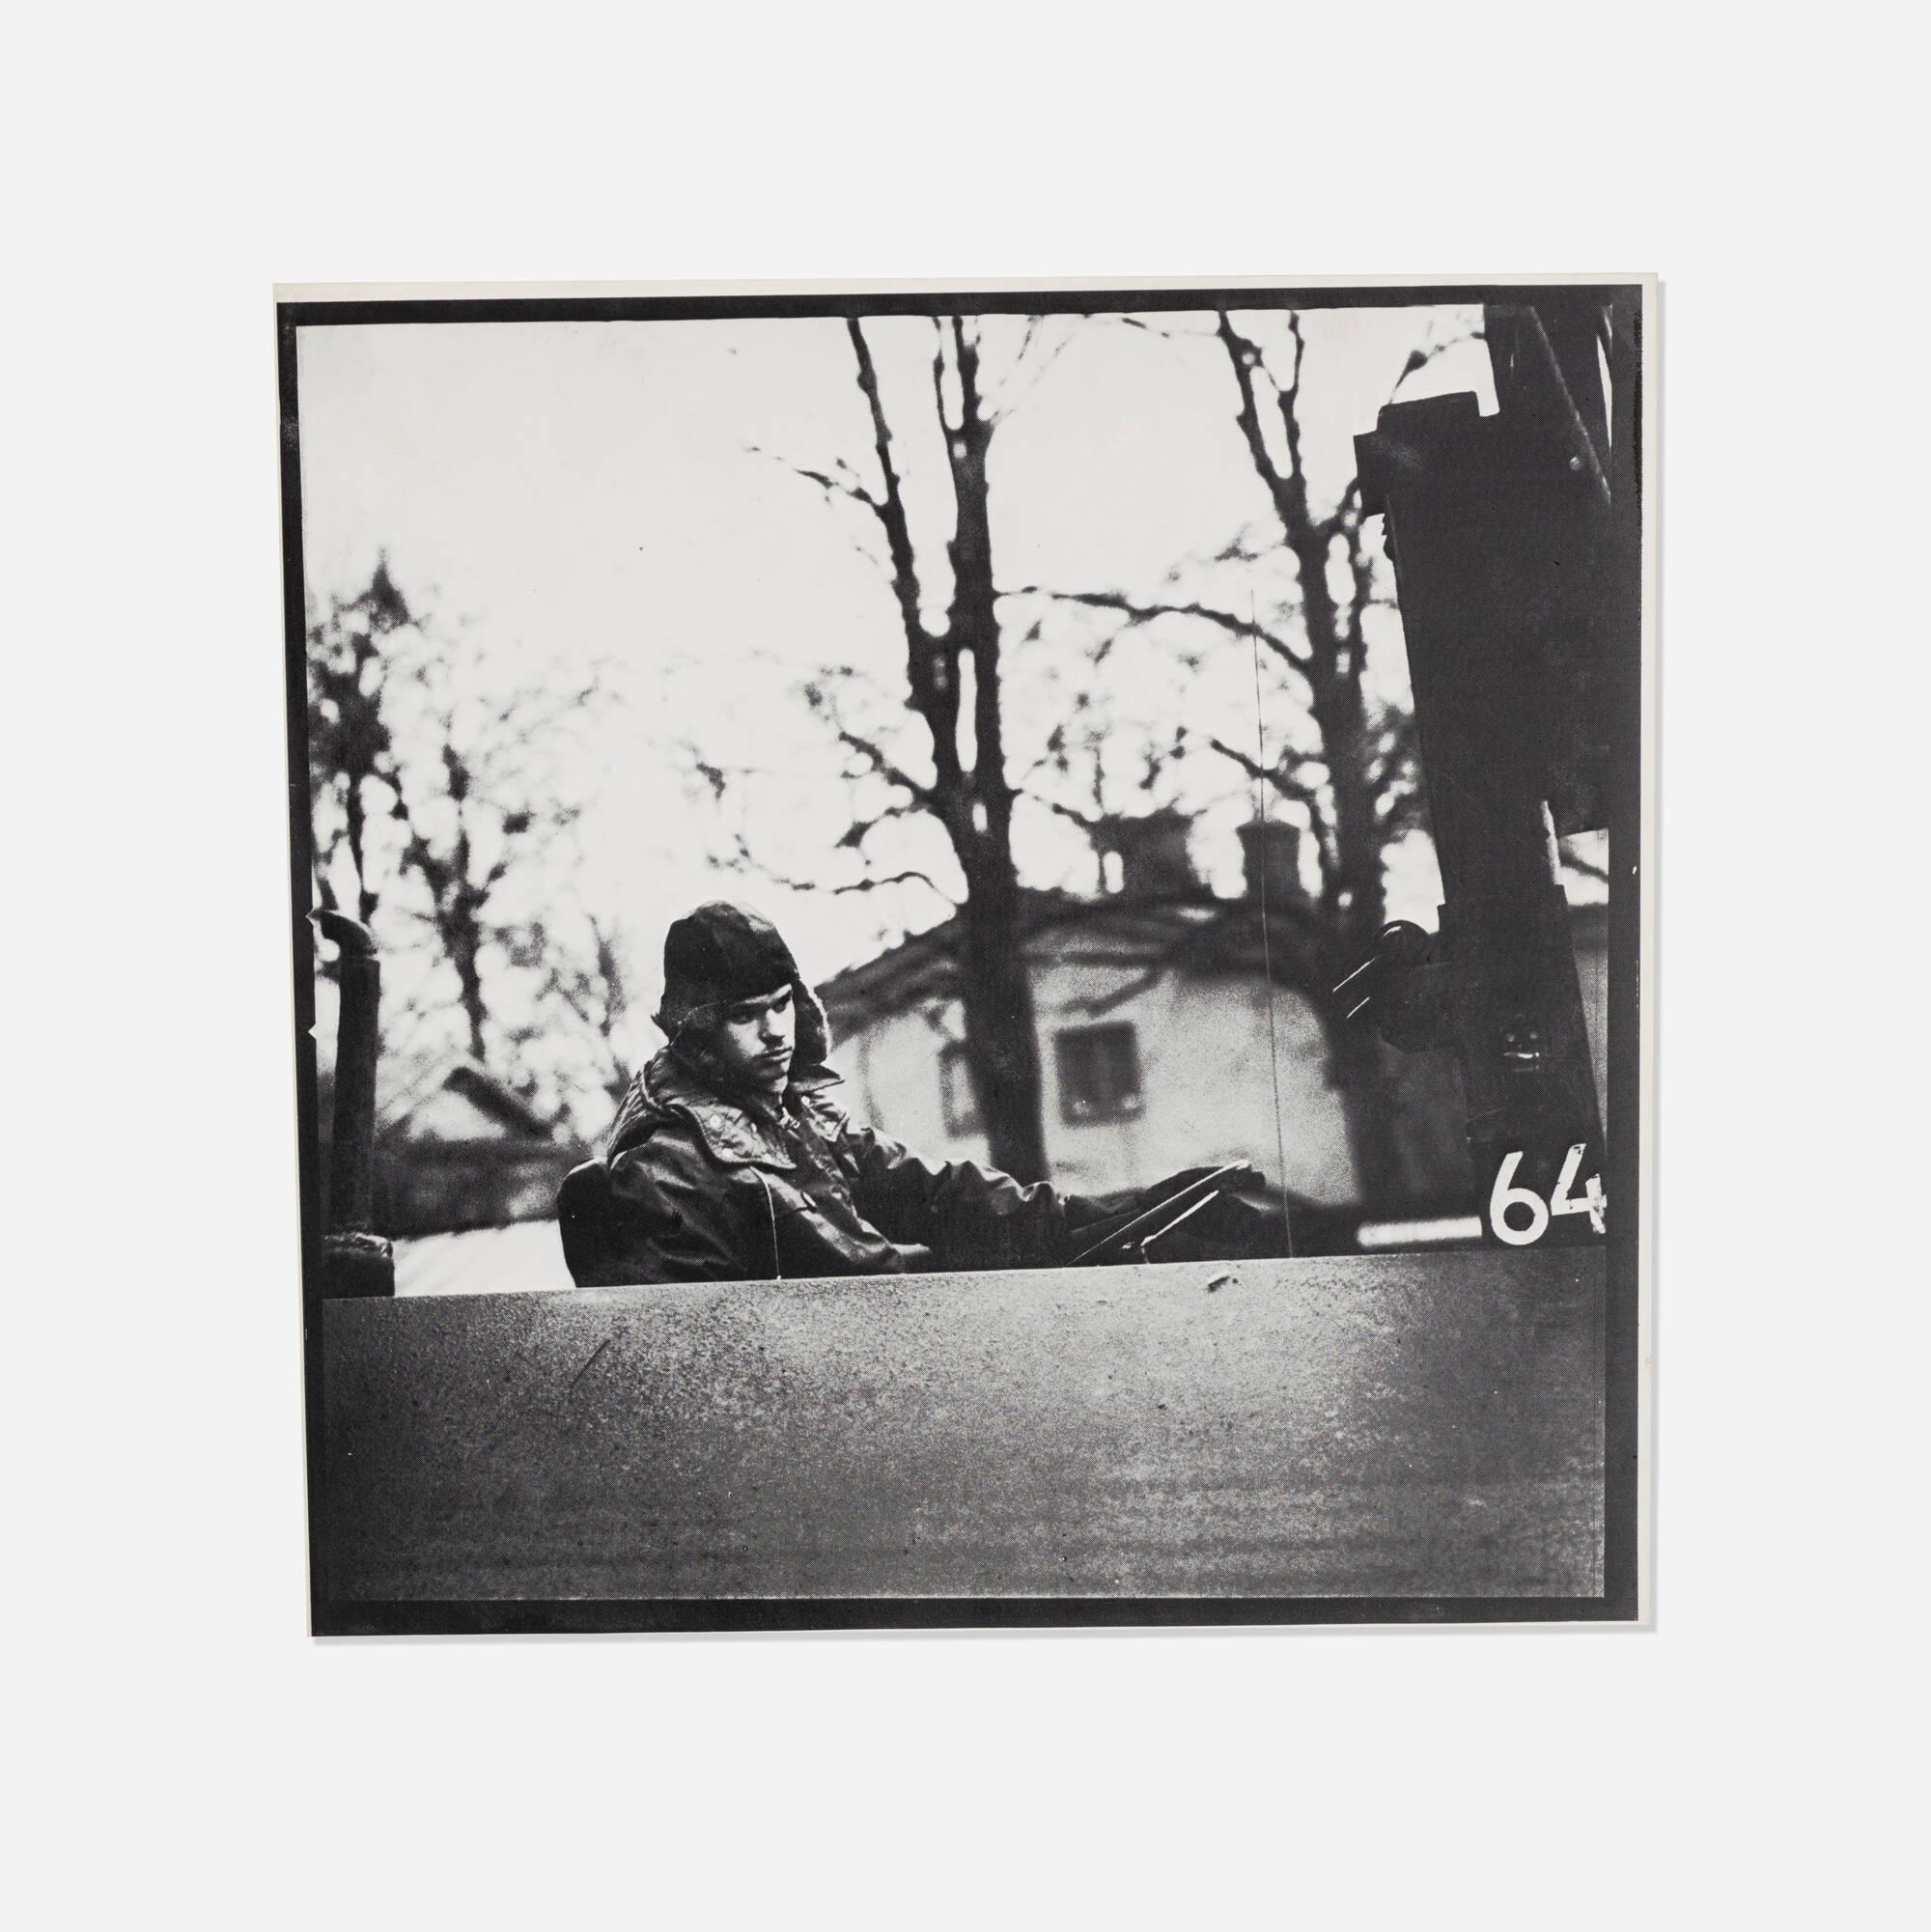 235: Joseph Beuys / 3 Tonnen edition (1 of 2)